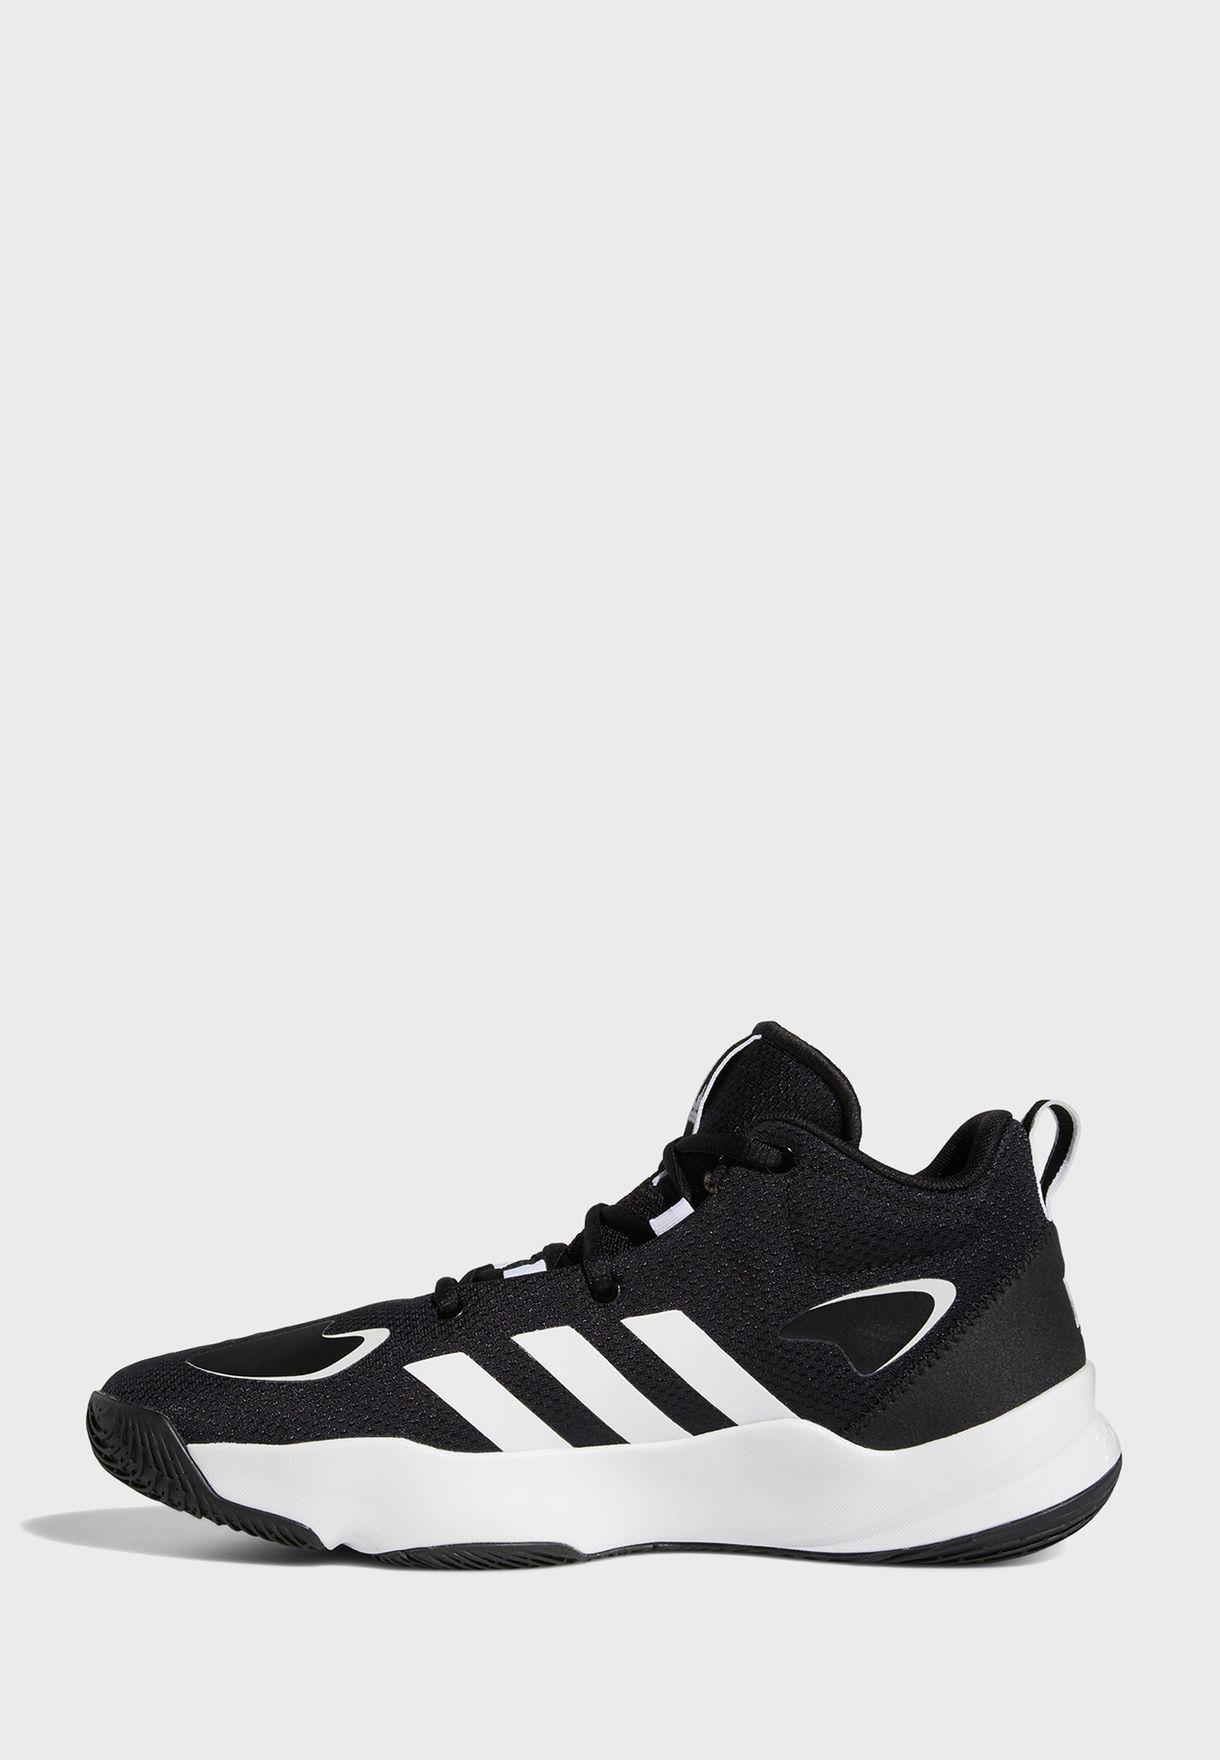 حذاء برو ان 3 اكس تي 2021